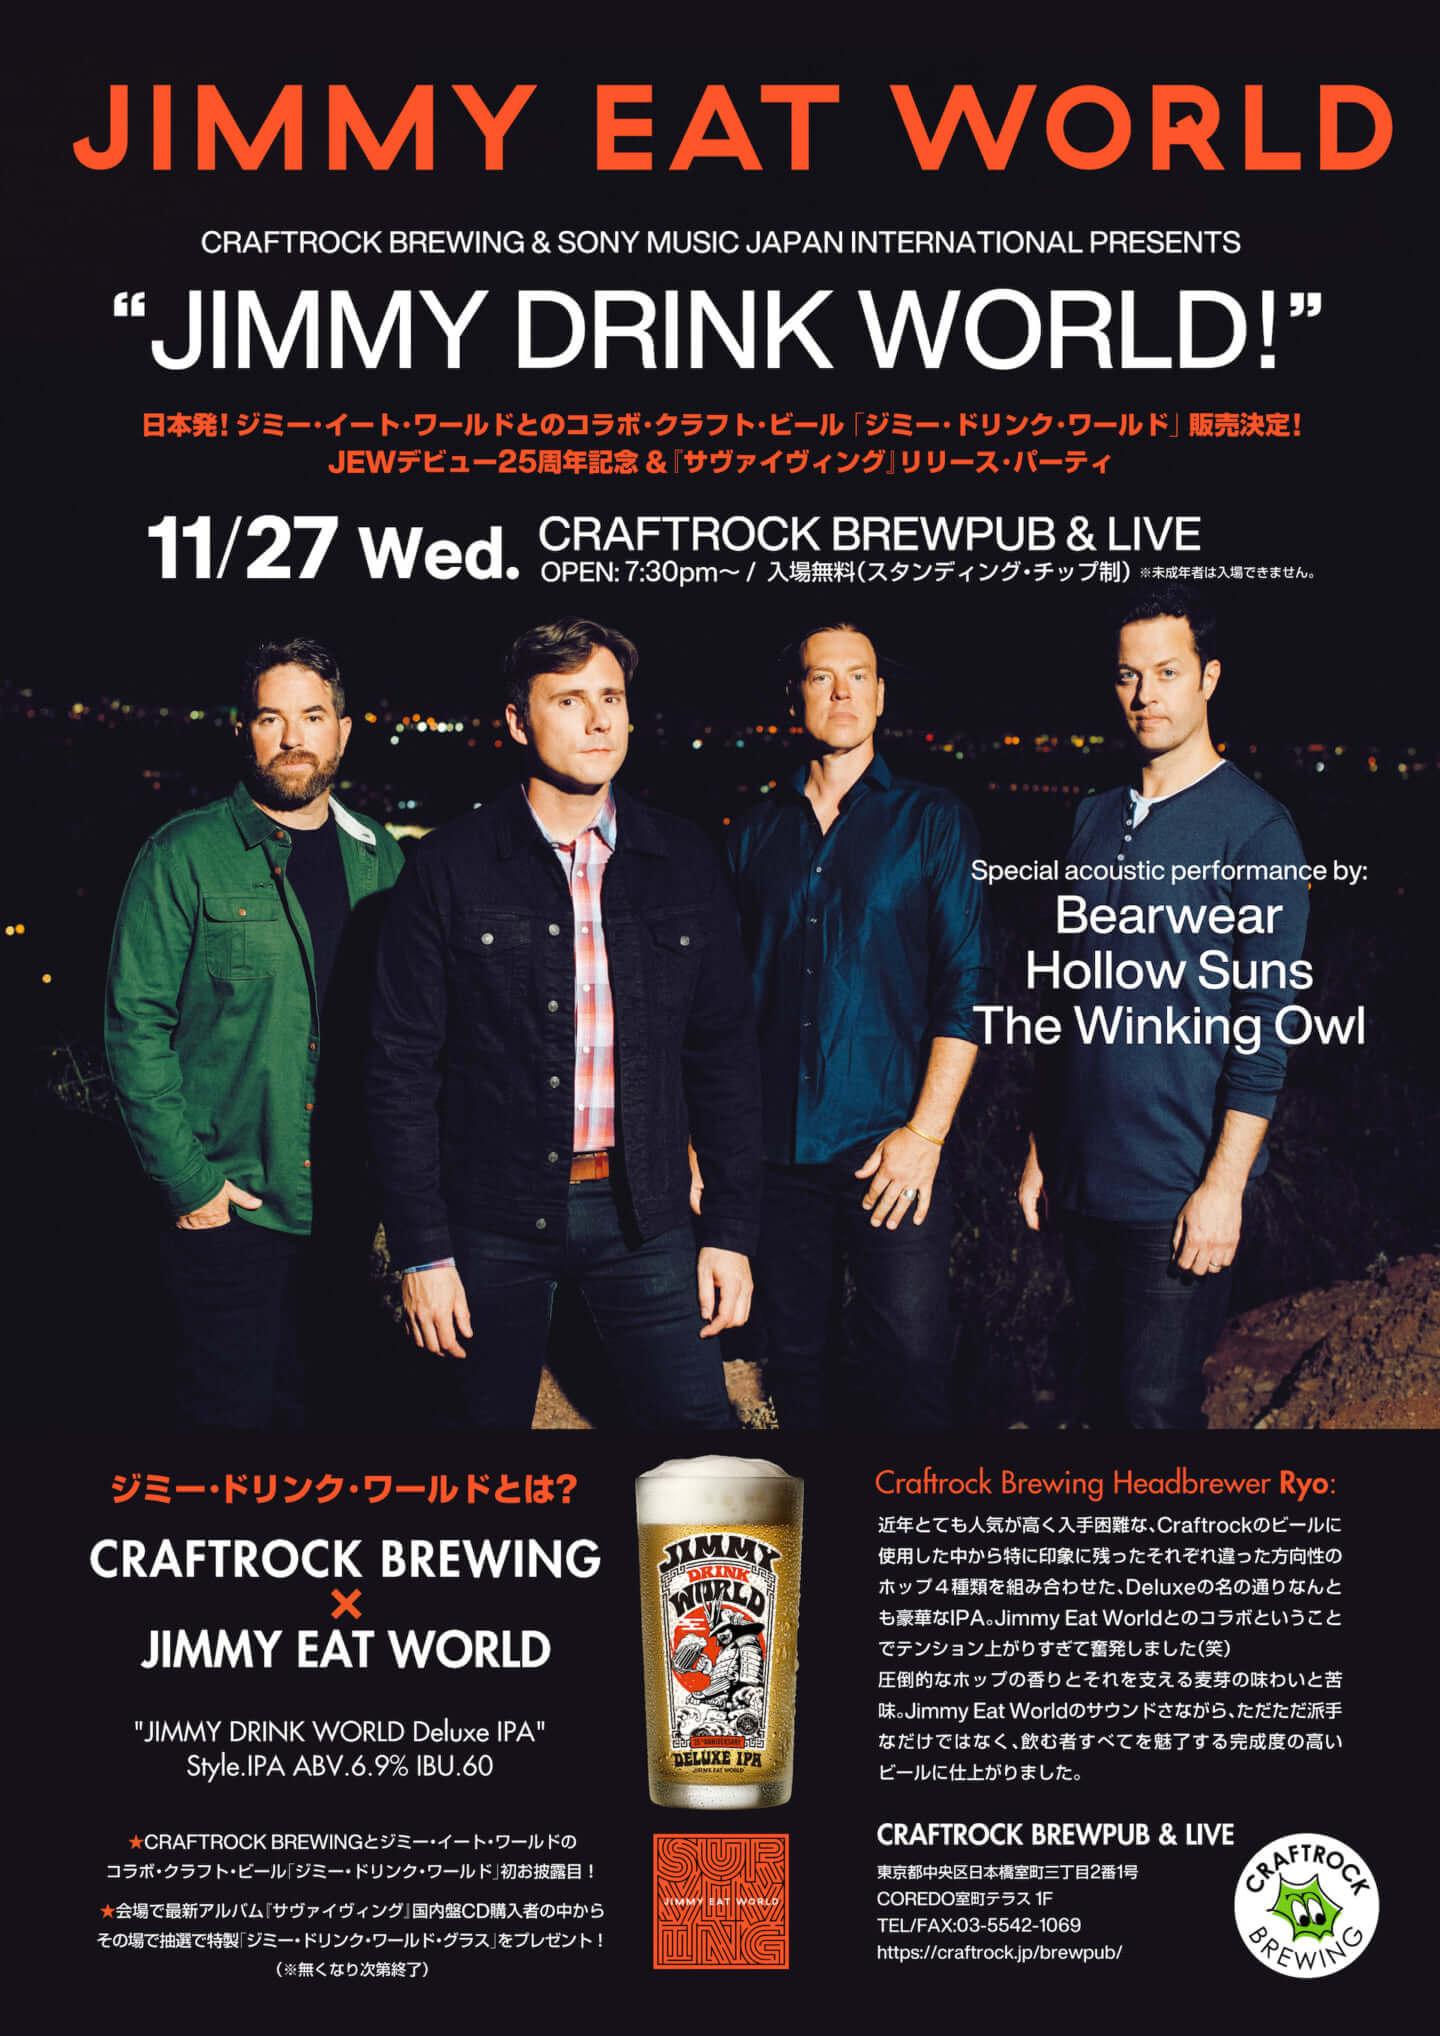 ジミー・イート・ワールドをイメージしたクラフトビールが誕生!「ジミー・ドリンク・ワールド」に込められた工夫と想いとは? 64d4944233de8b91203465bafcb8d3e3-1440x2036